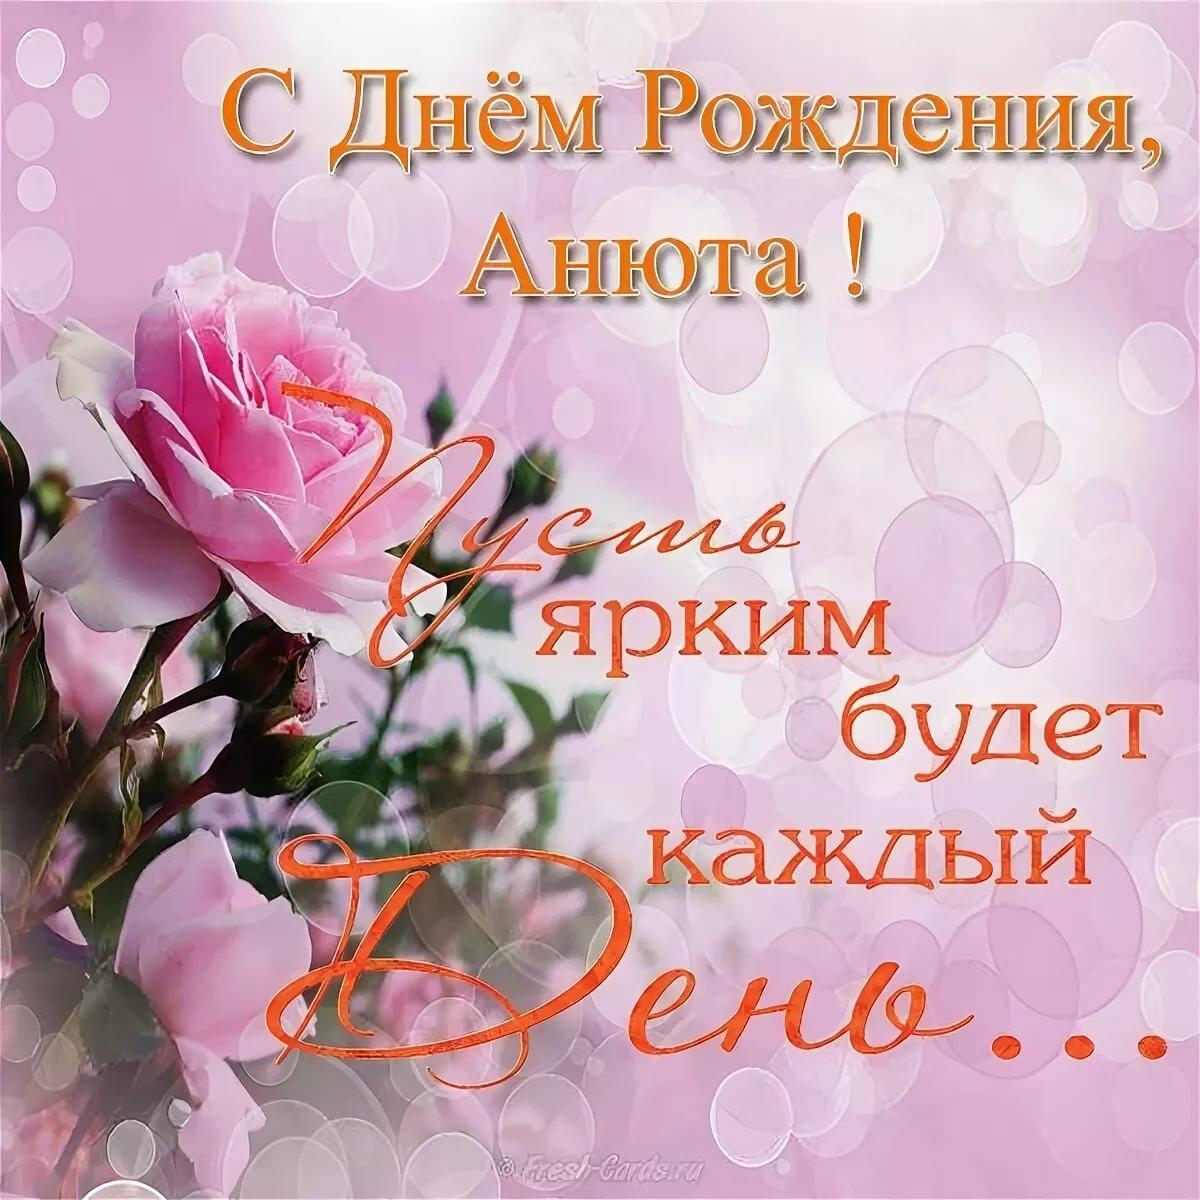 С днем рождения женщине анна открытки